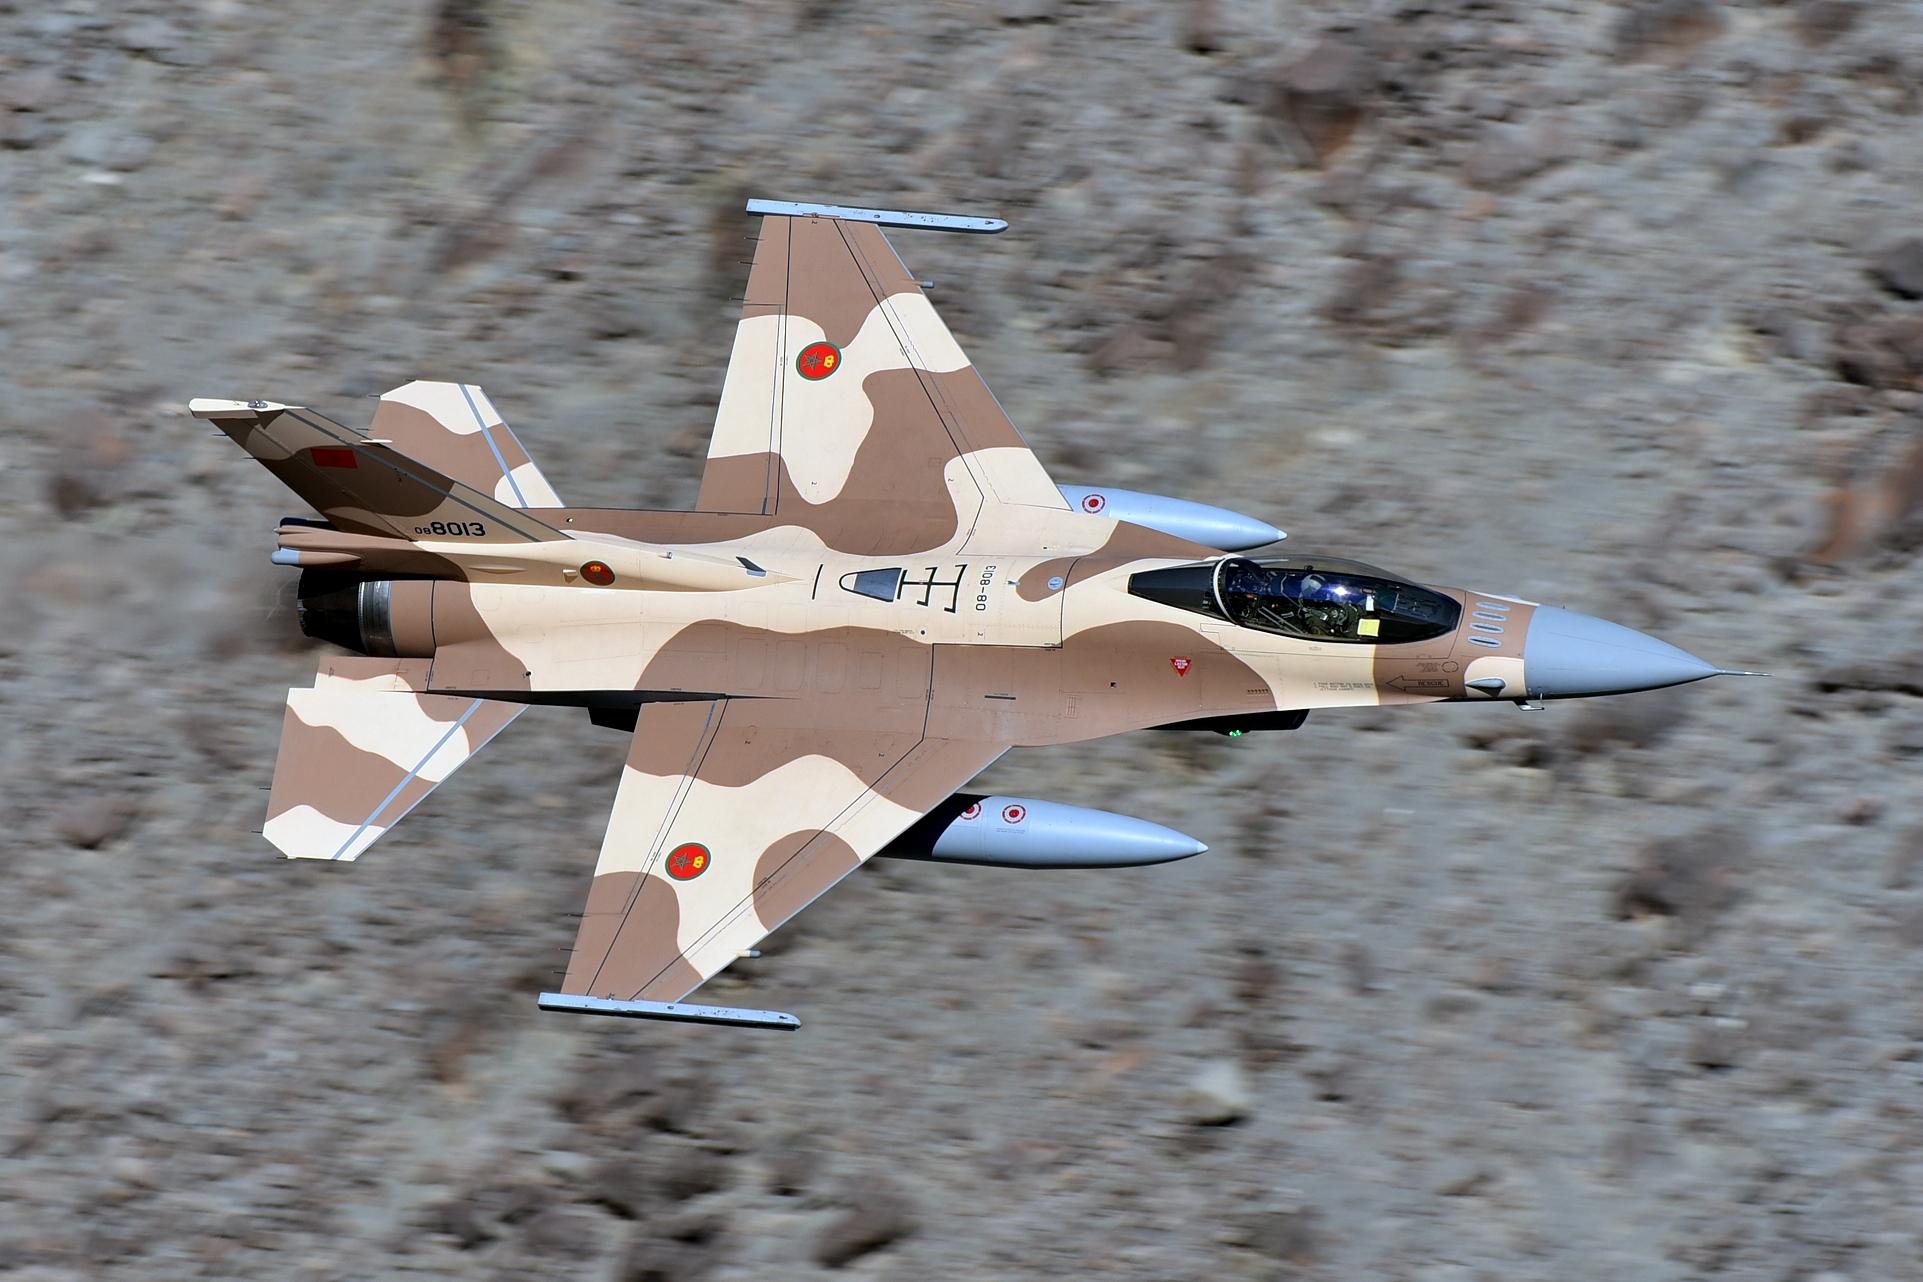 القوات الجوية الملكية المغربية - متجدد - - صفحة 2 151216031703190264